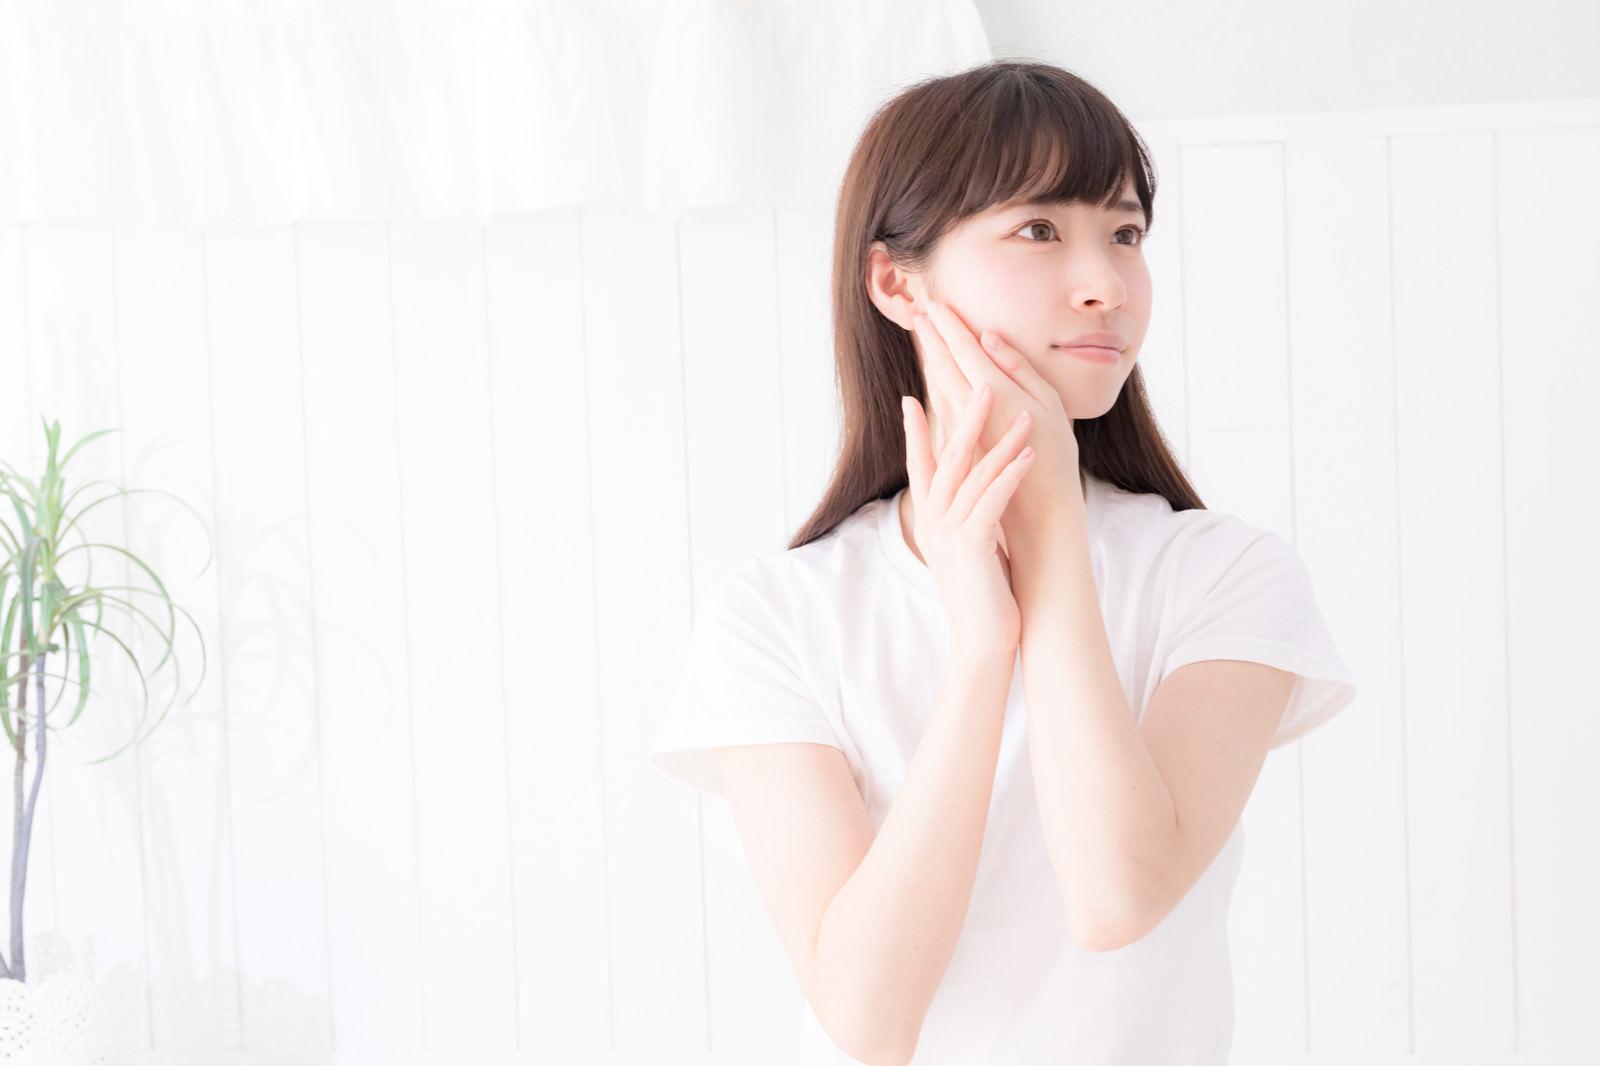 「顔に手を添え遠くを見つめる女性」の写真[モデル:川子芹菜]